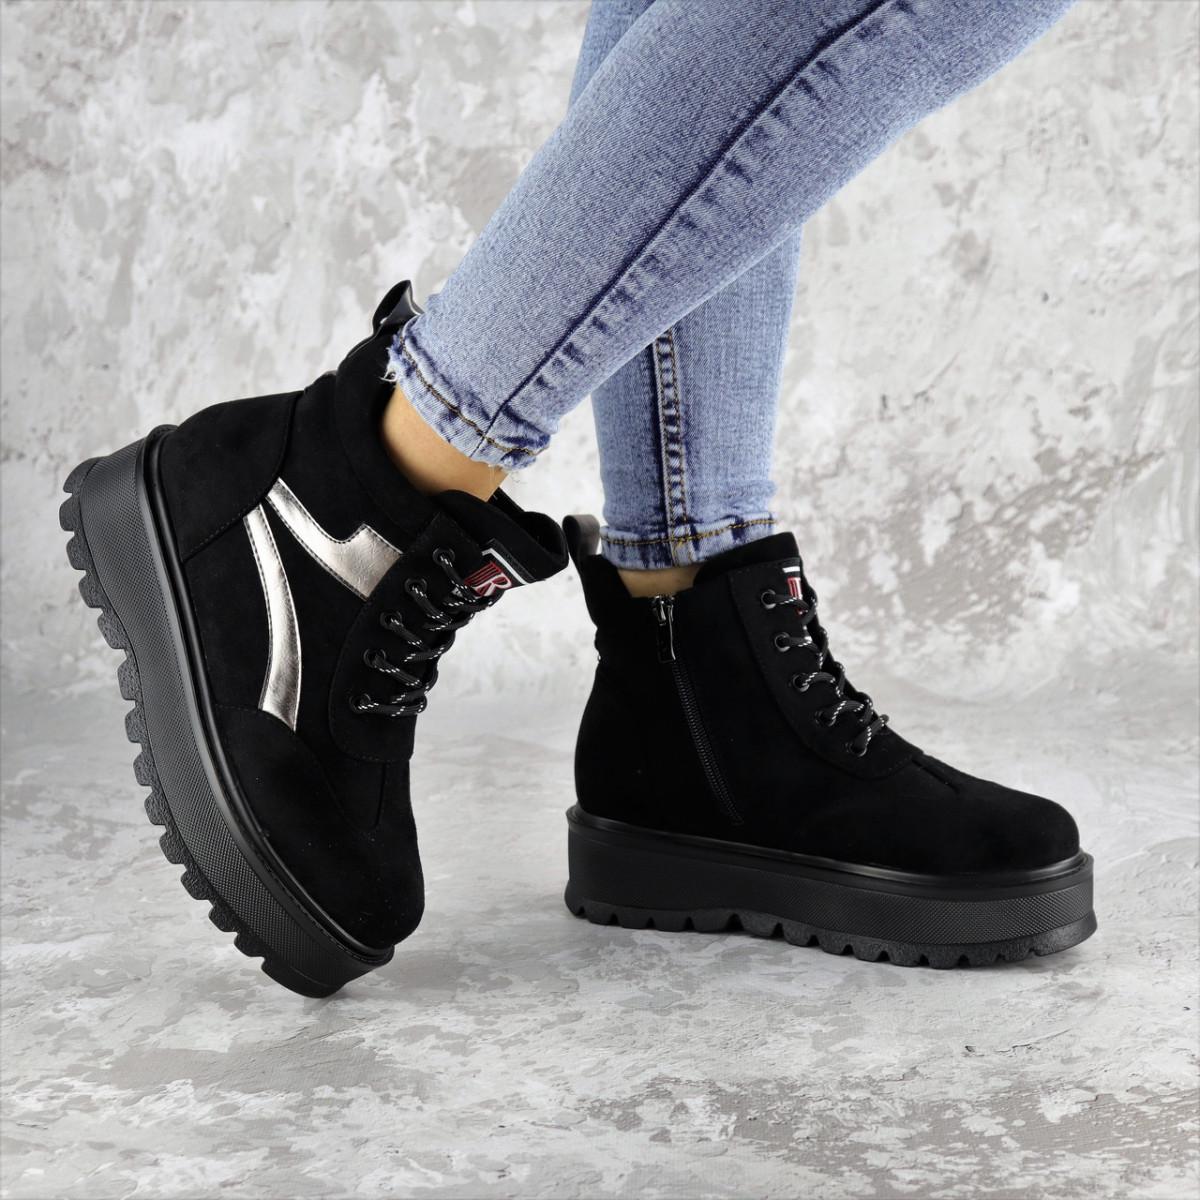 Ботинки женские зимние черные Chewer 2240 (38 размер)